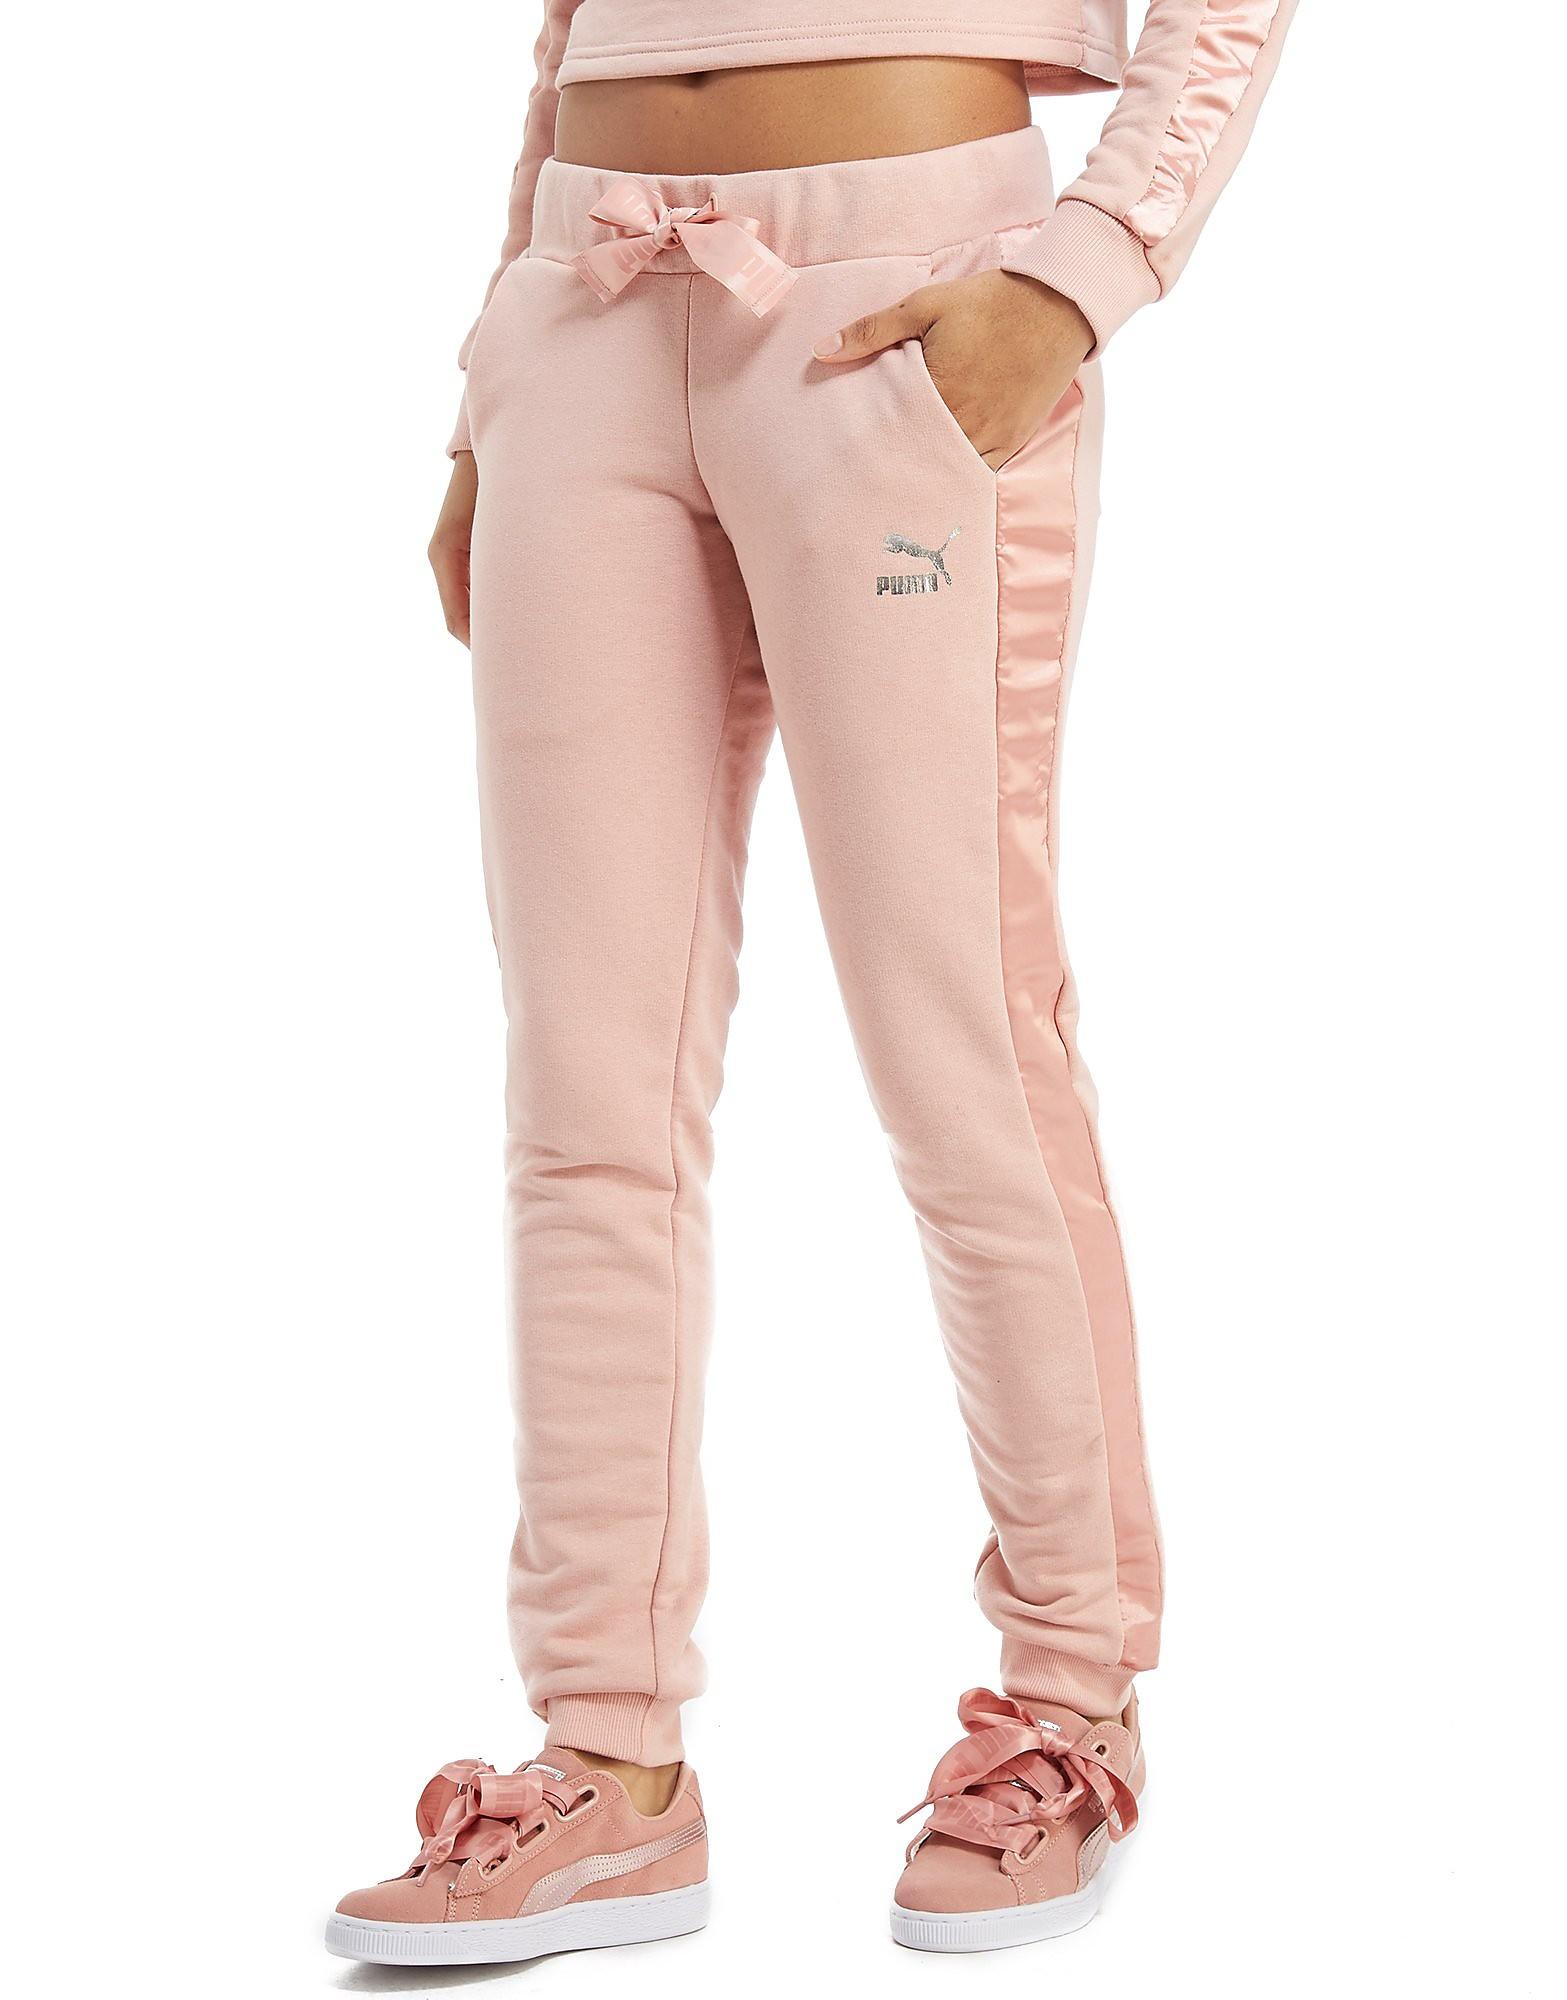 PUMA Bow Fleece Pants